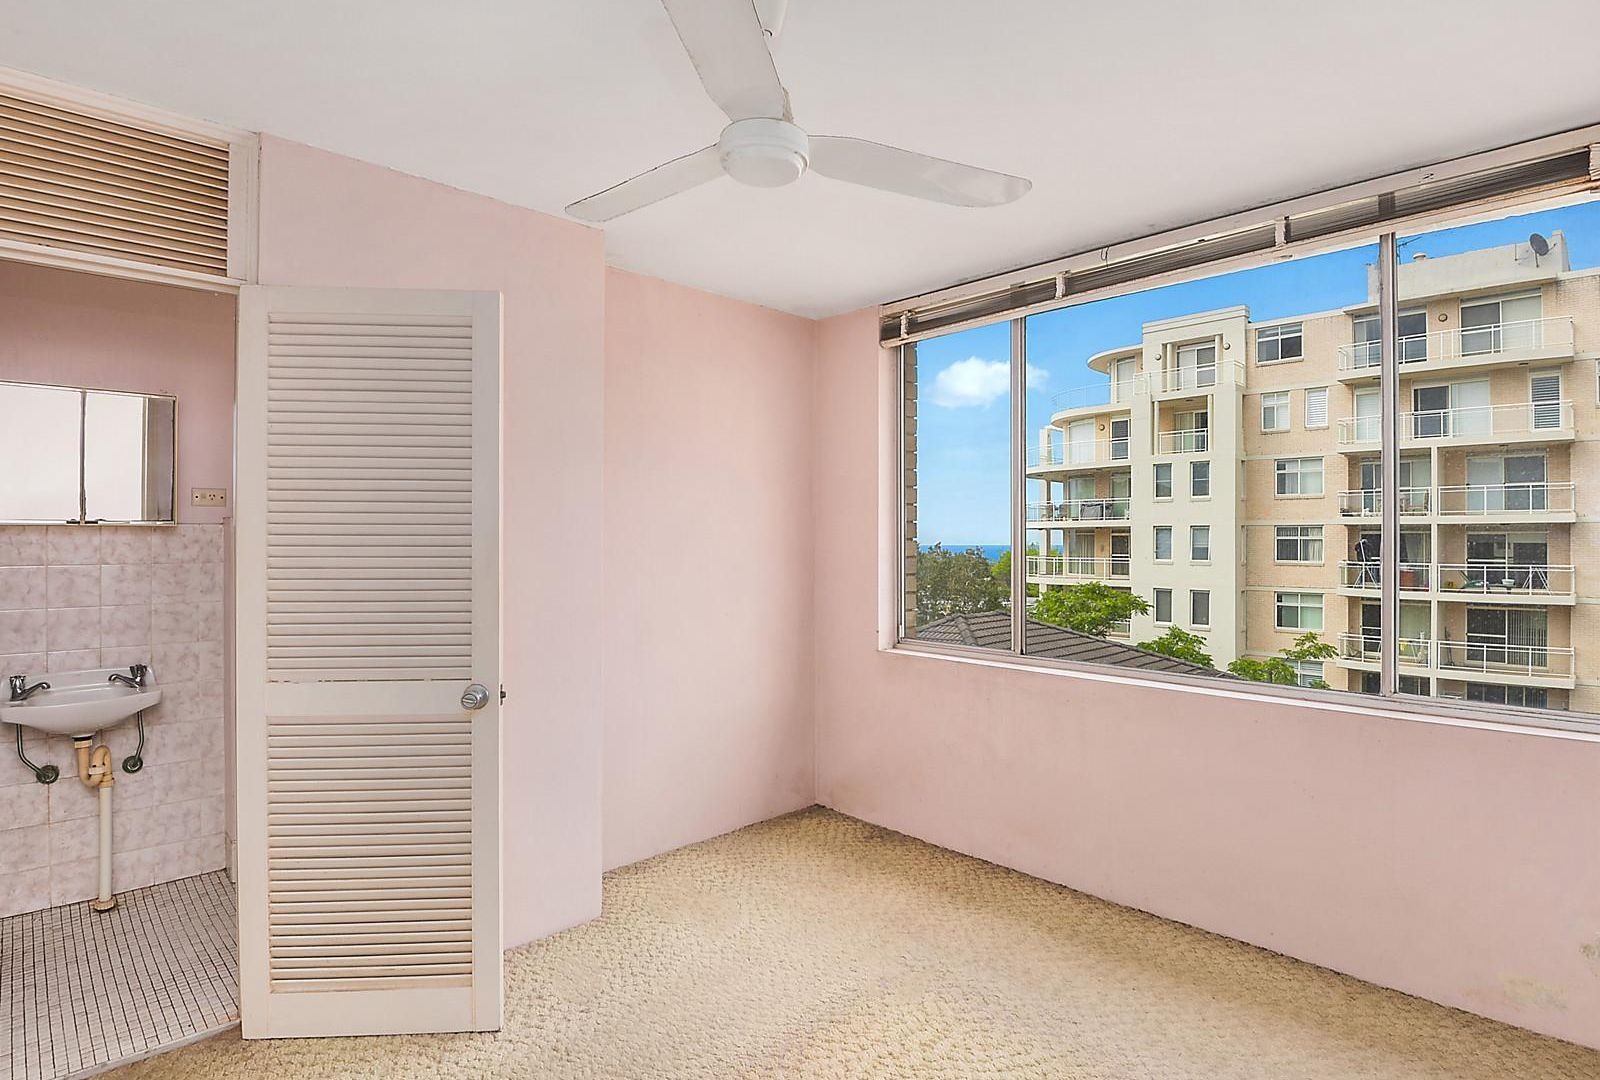 17/54 Penkivil Street, Bondi NSW 2026, Image 1